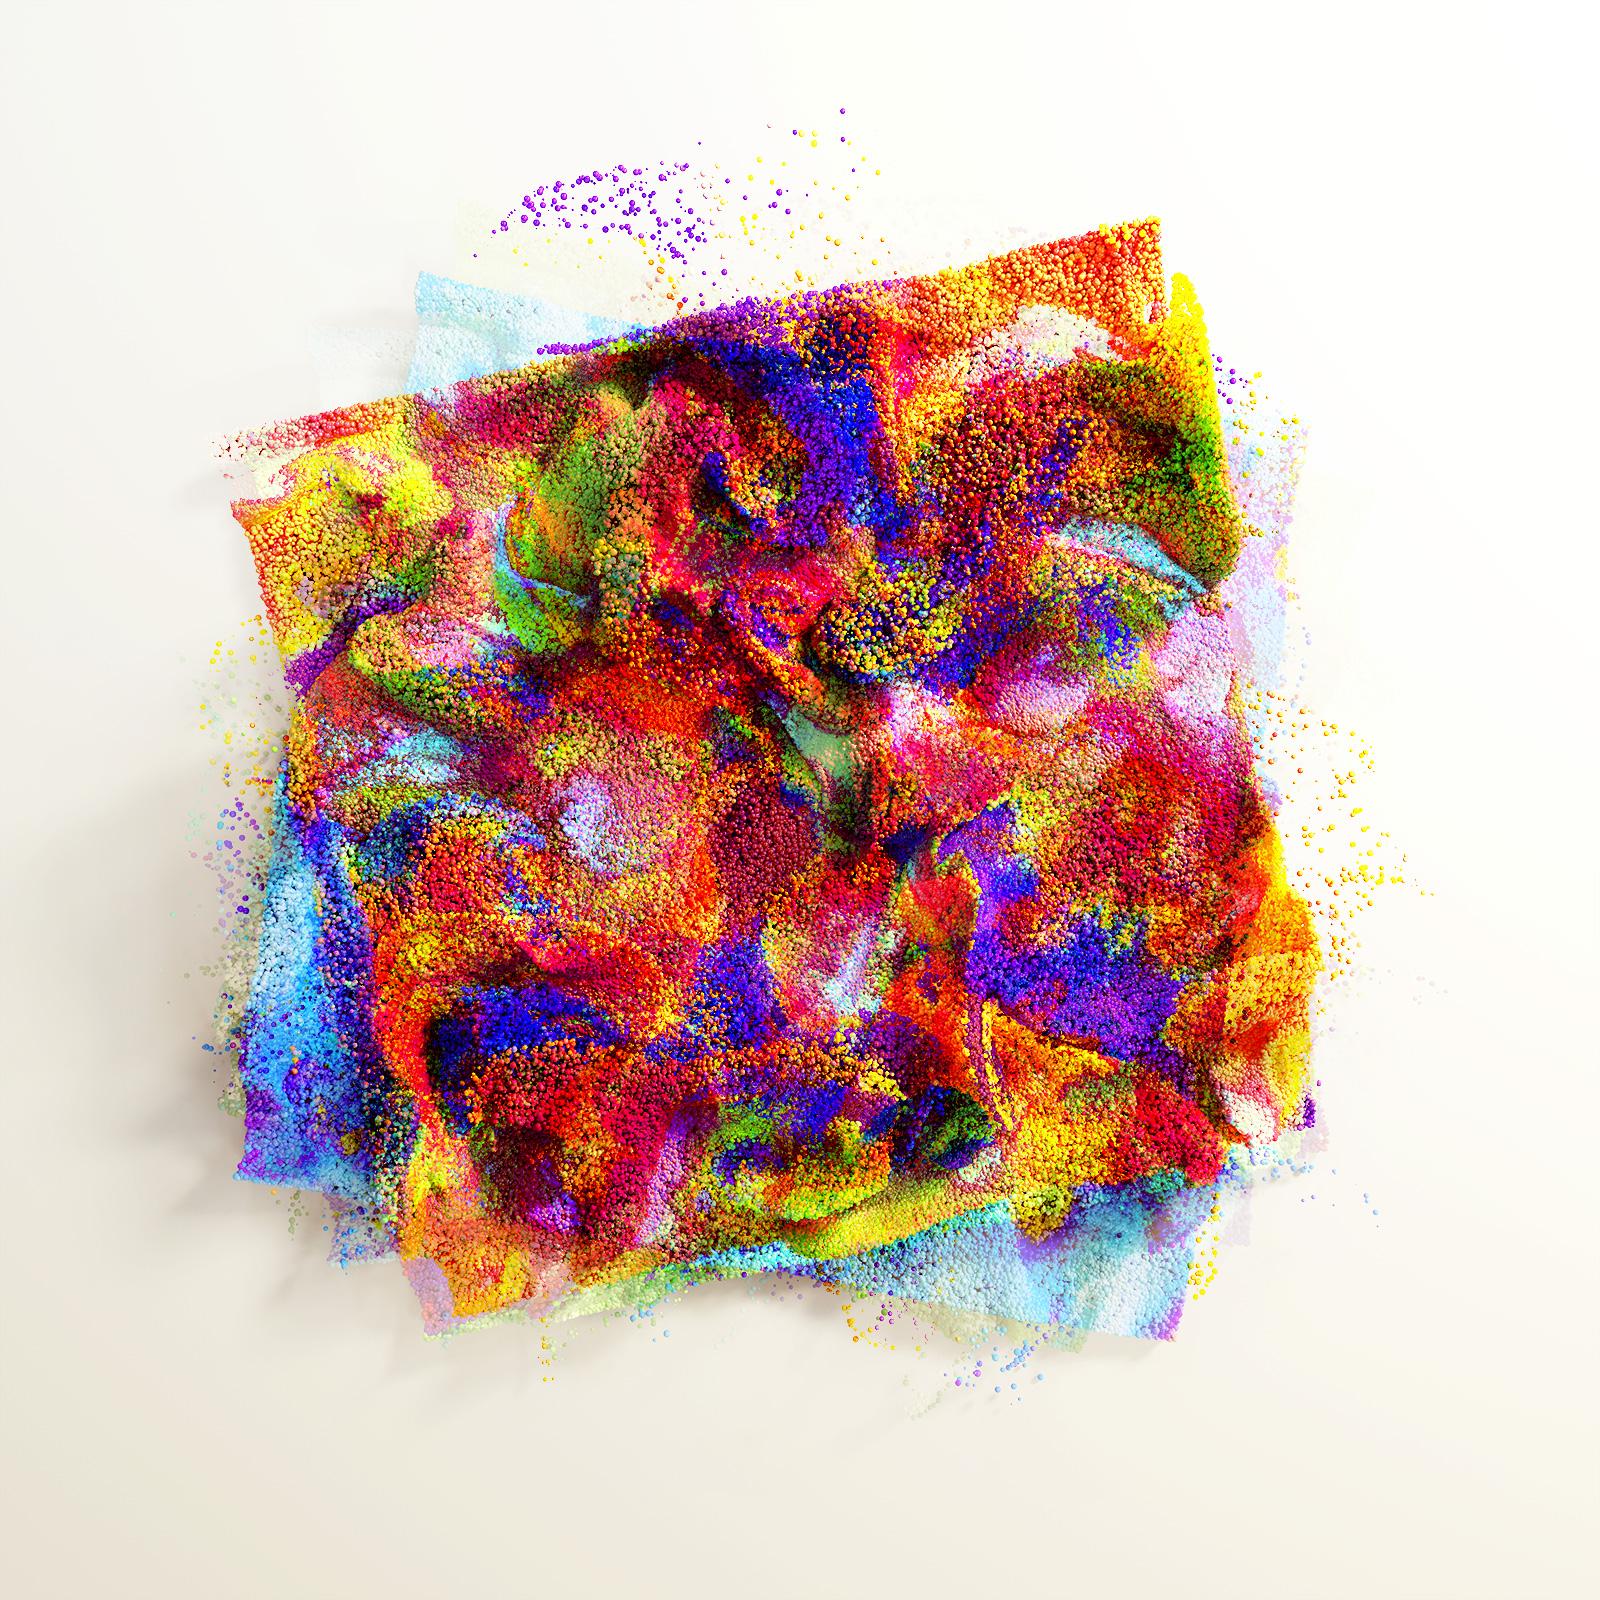 noise-color-001.jpg